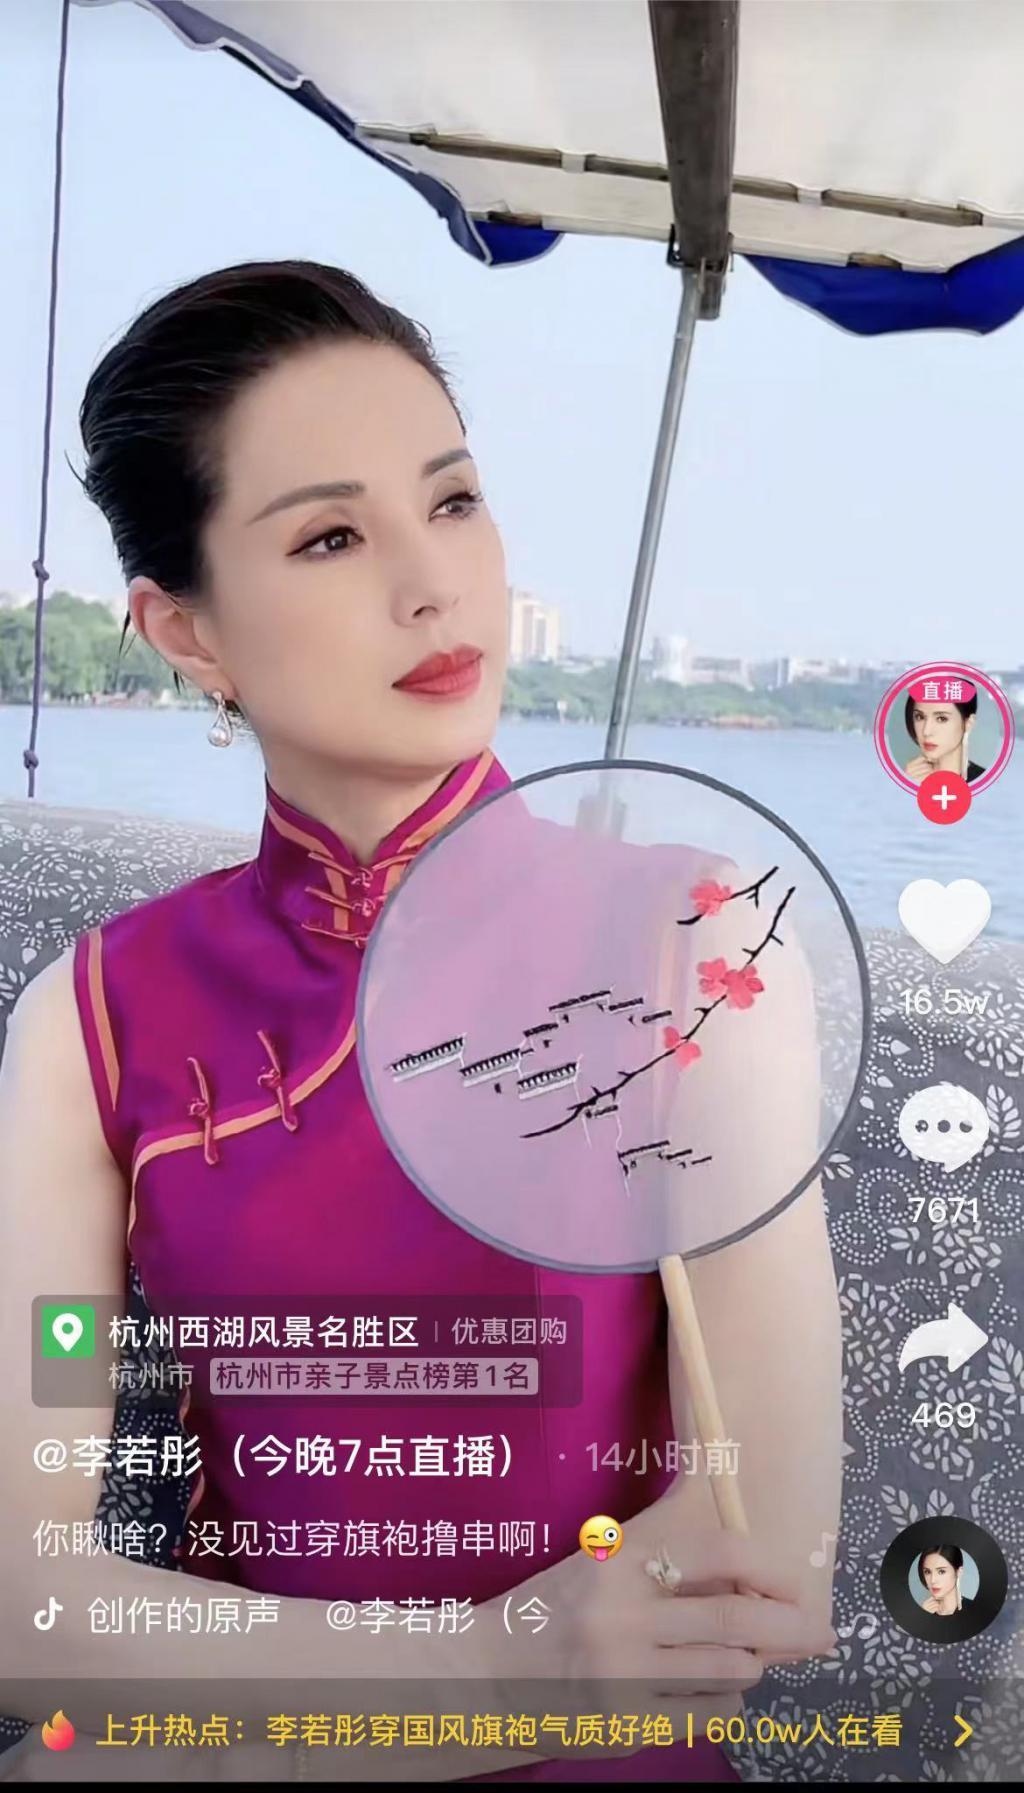 54岁李若彤晒旗袍造型,身材凹凸有致很抢眼